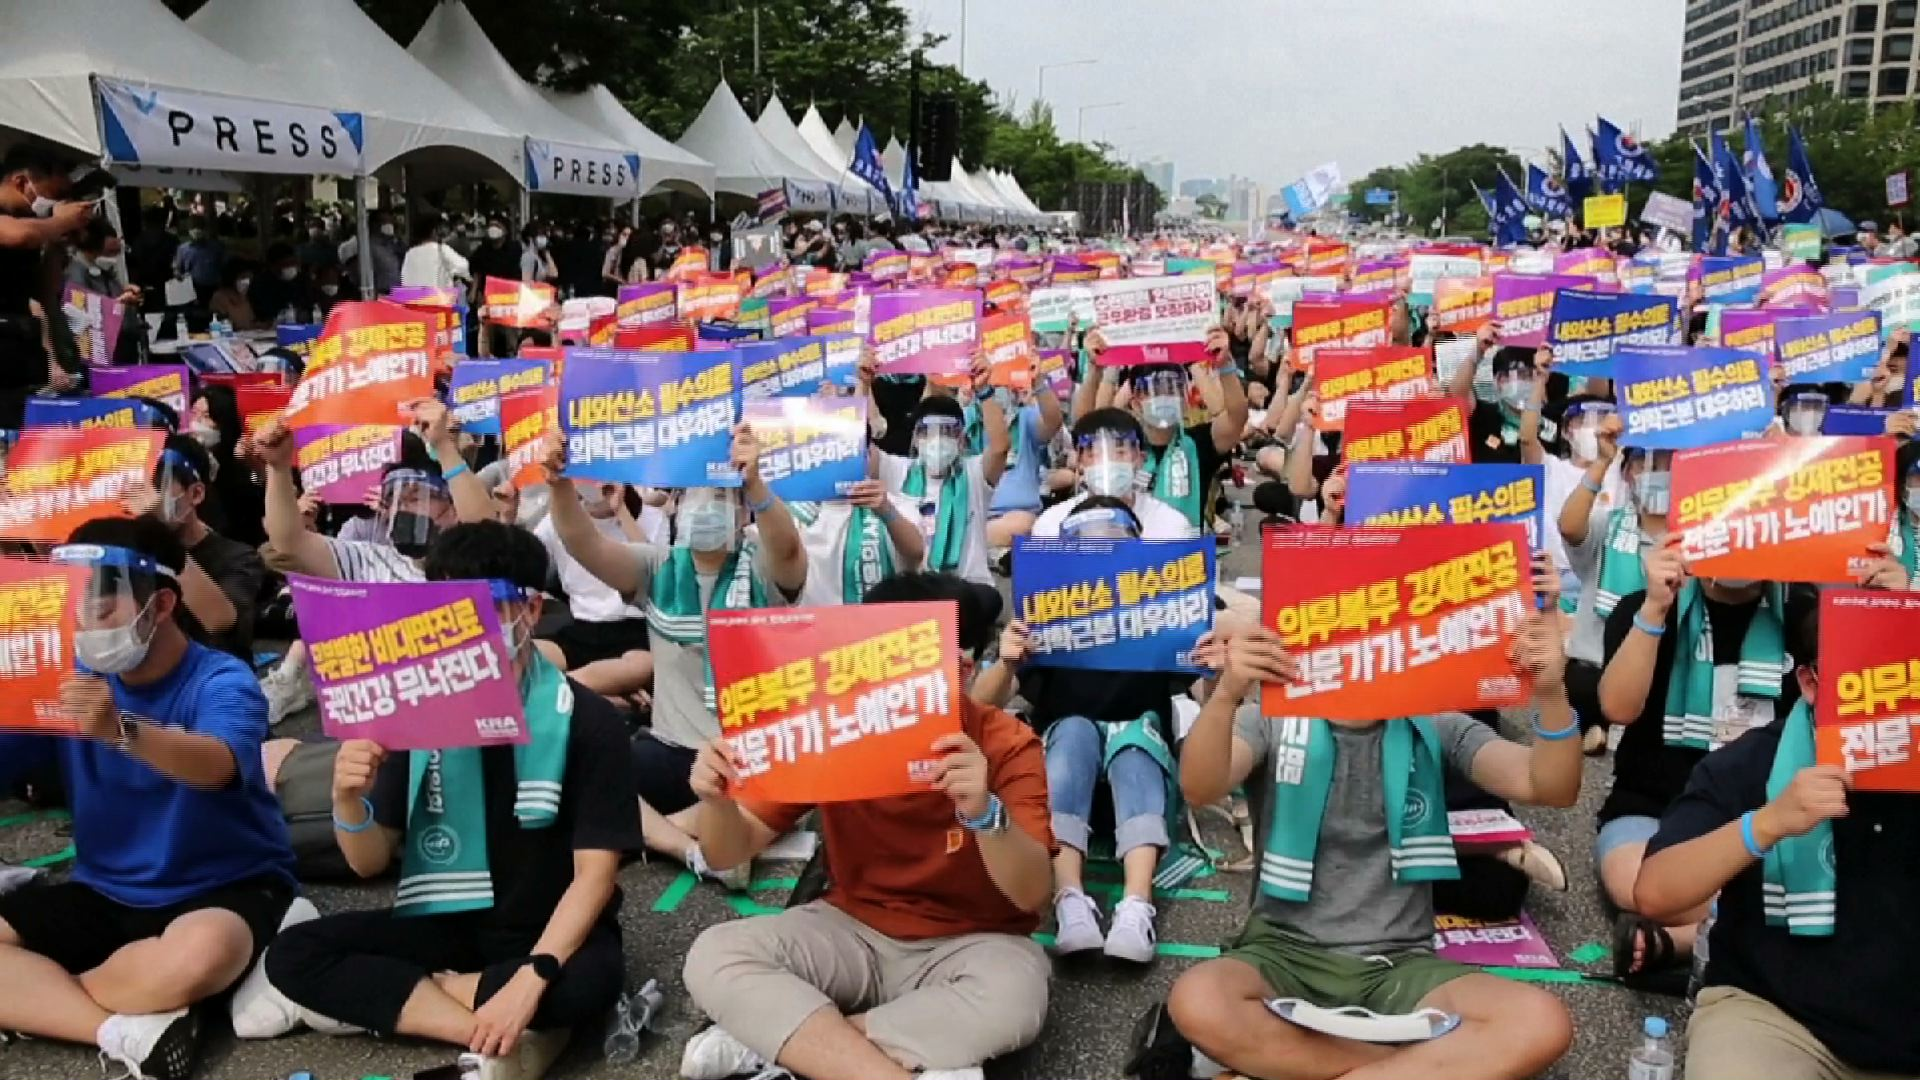 Các bác sĩ ở Nam Hàn đình công để phản đối kế hoạch y tế, khi các ca nhiễm coronavirus mới gia tăng